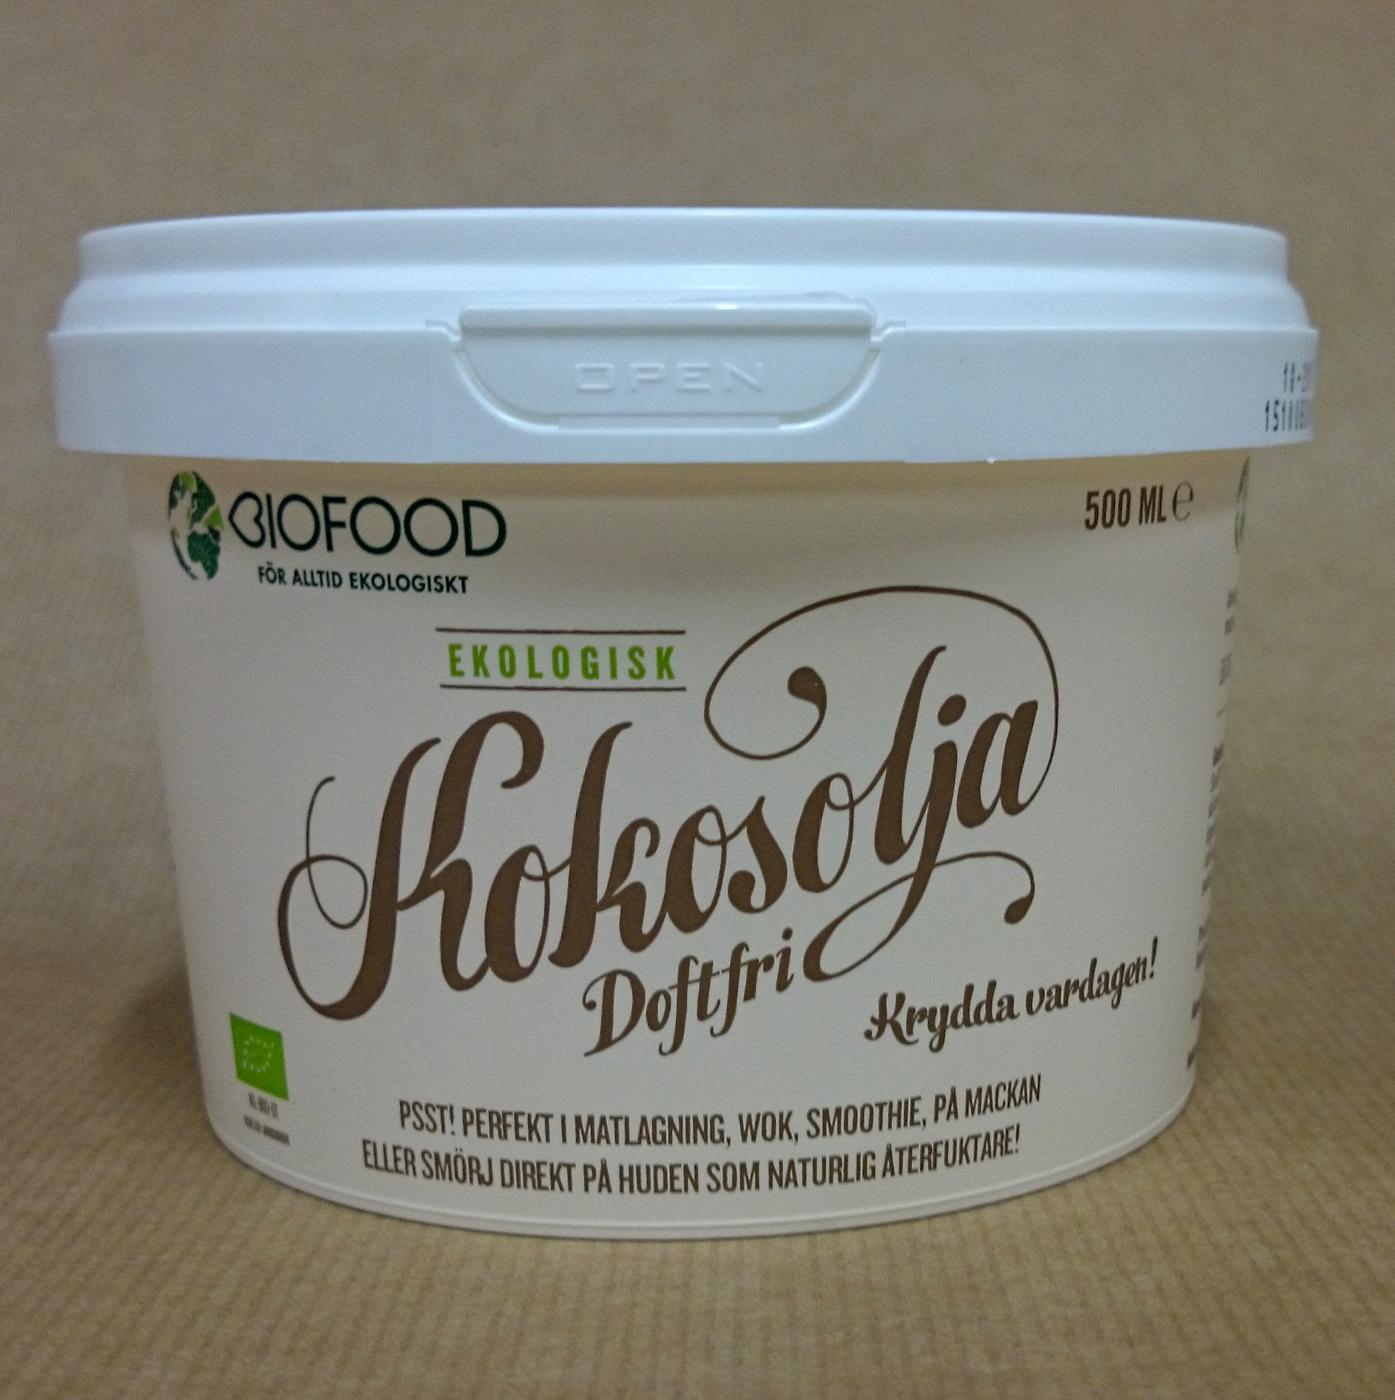 biofood kokosolja doftfri